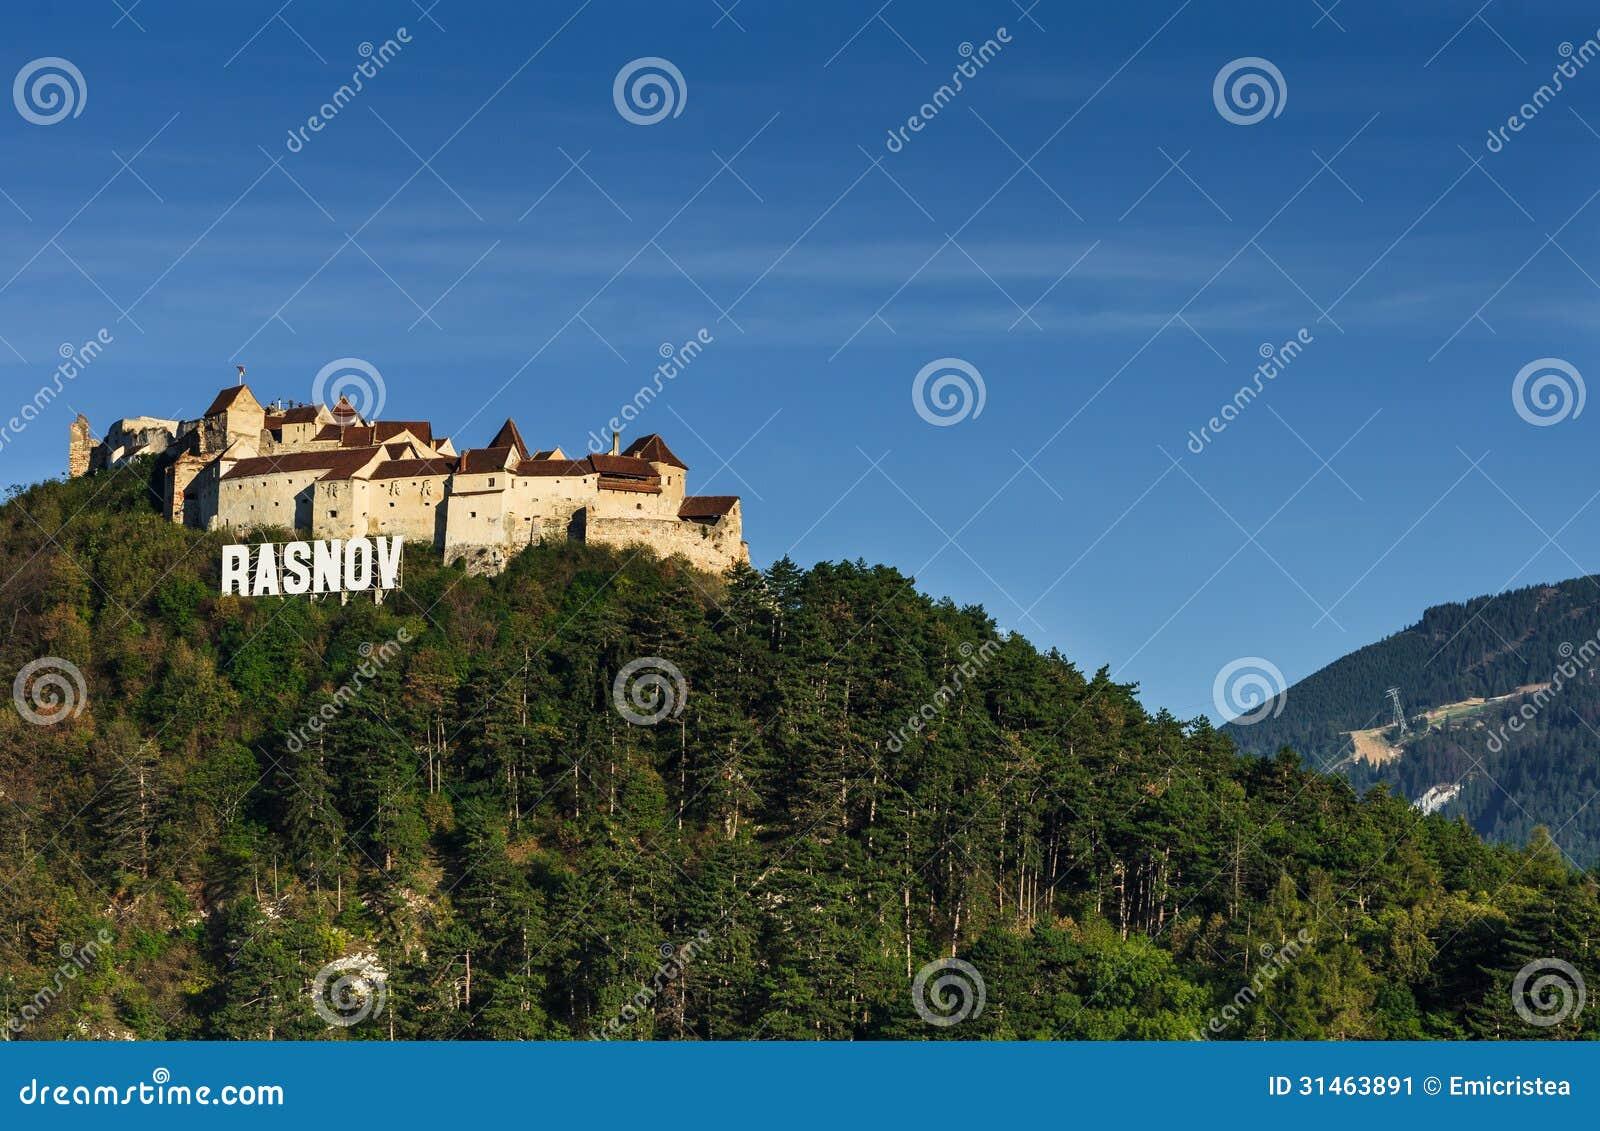 Mittelalterliche Festung Rasnov, Siebenbürgen, Rumänien